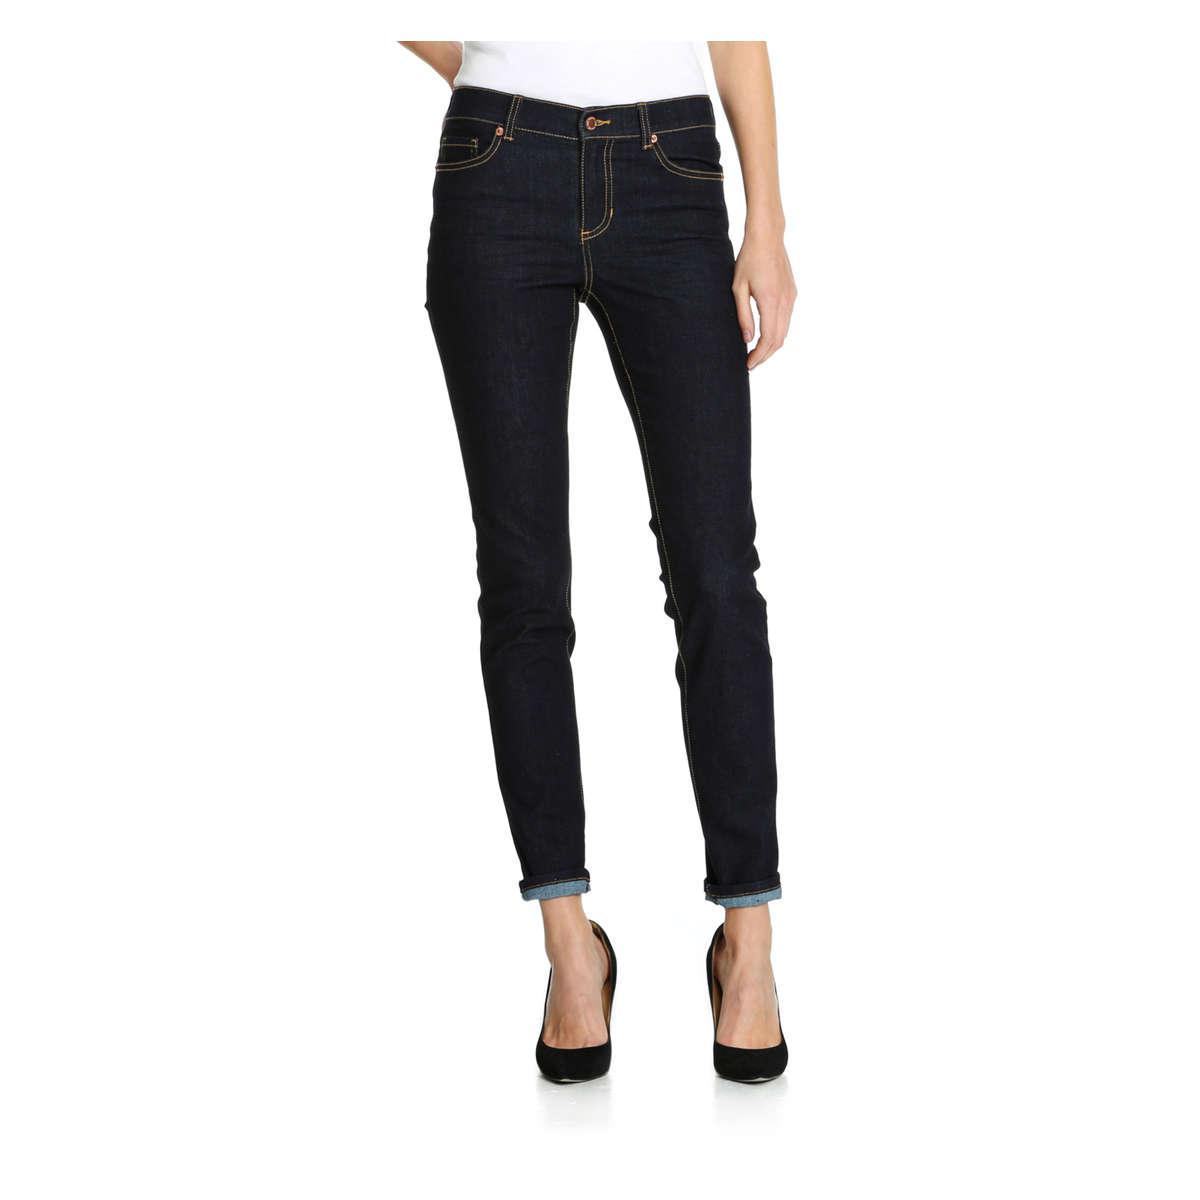 dbda2d4c7593 Lyst - Joe Fresh Ultra Slim Mid Rise Jean in Blue